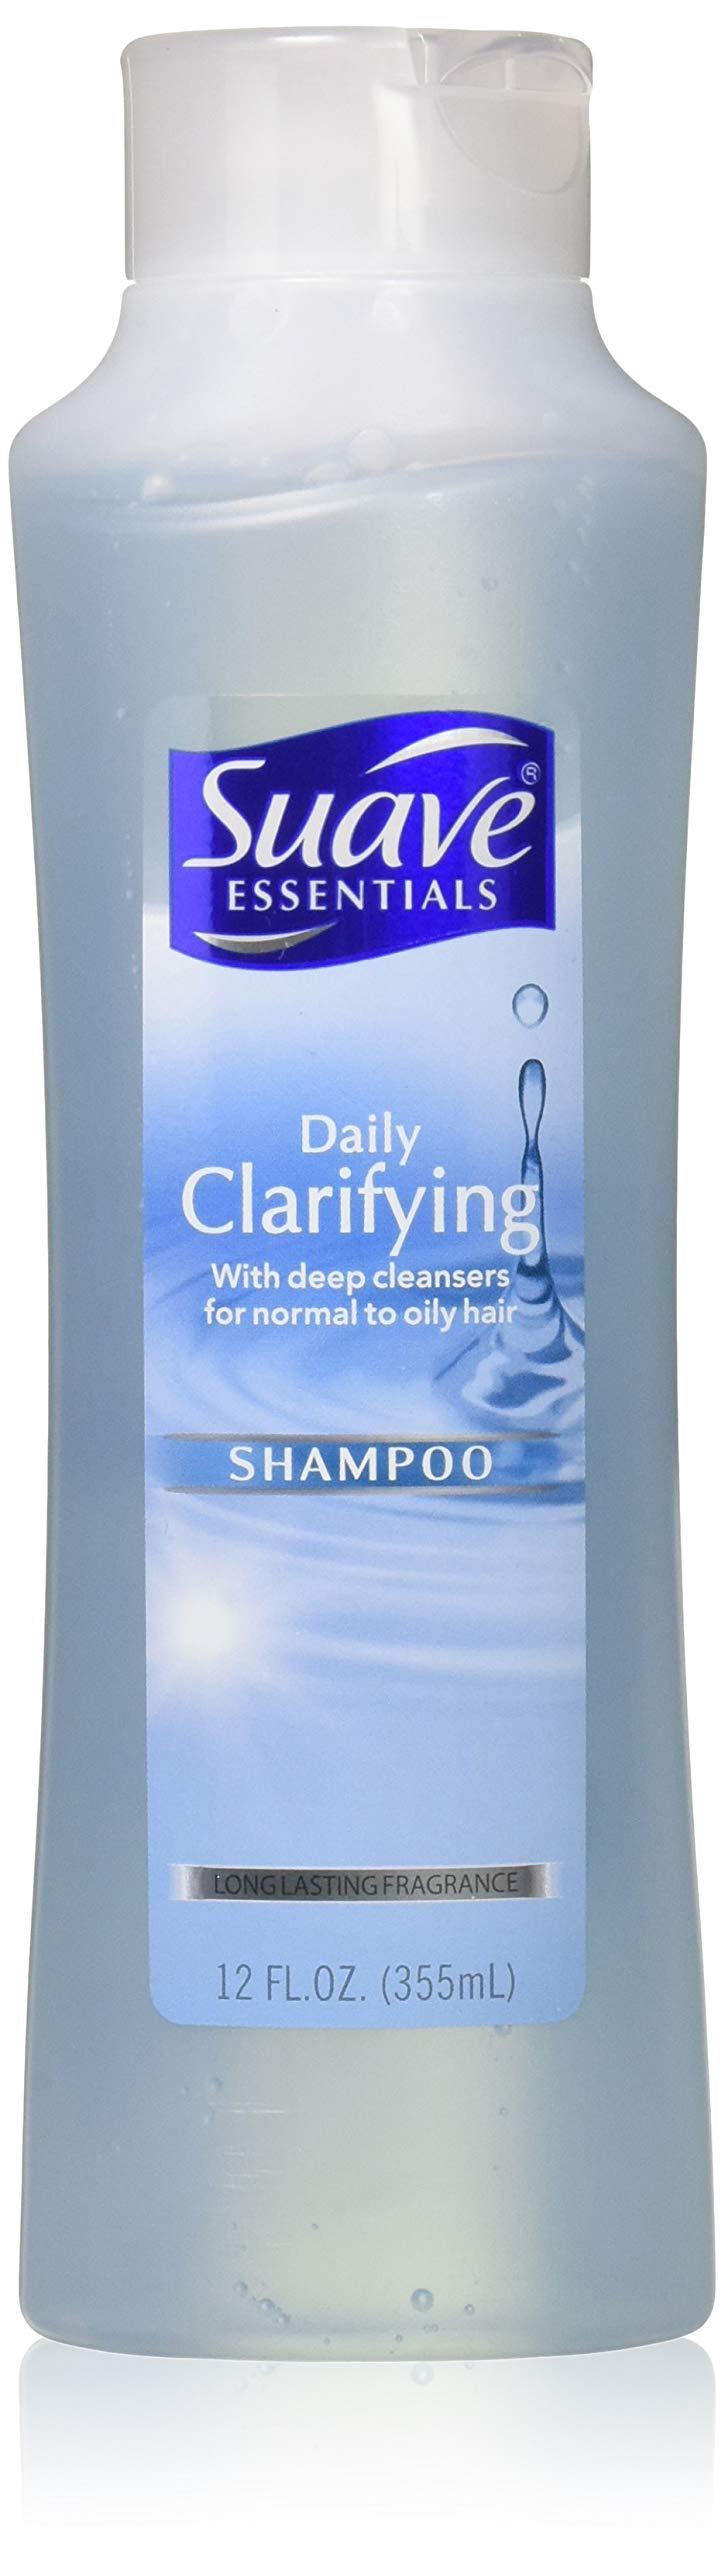 Suave Naturals Daily Clarifying Shampoo 12 oz